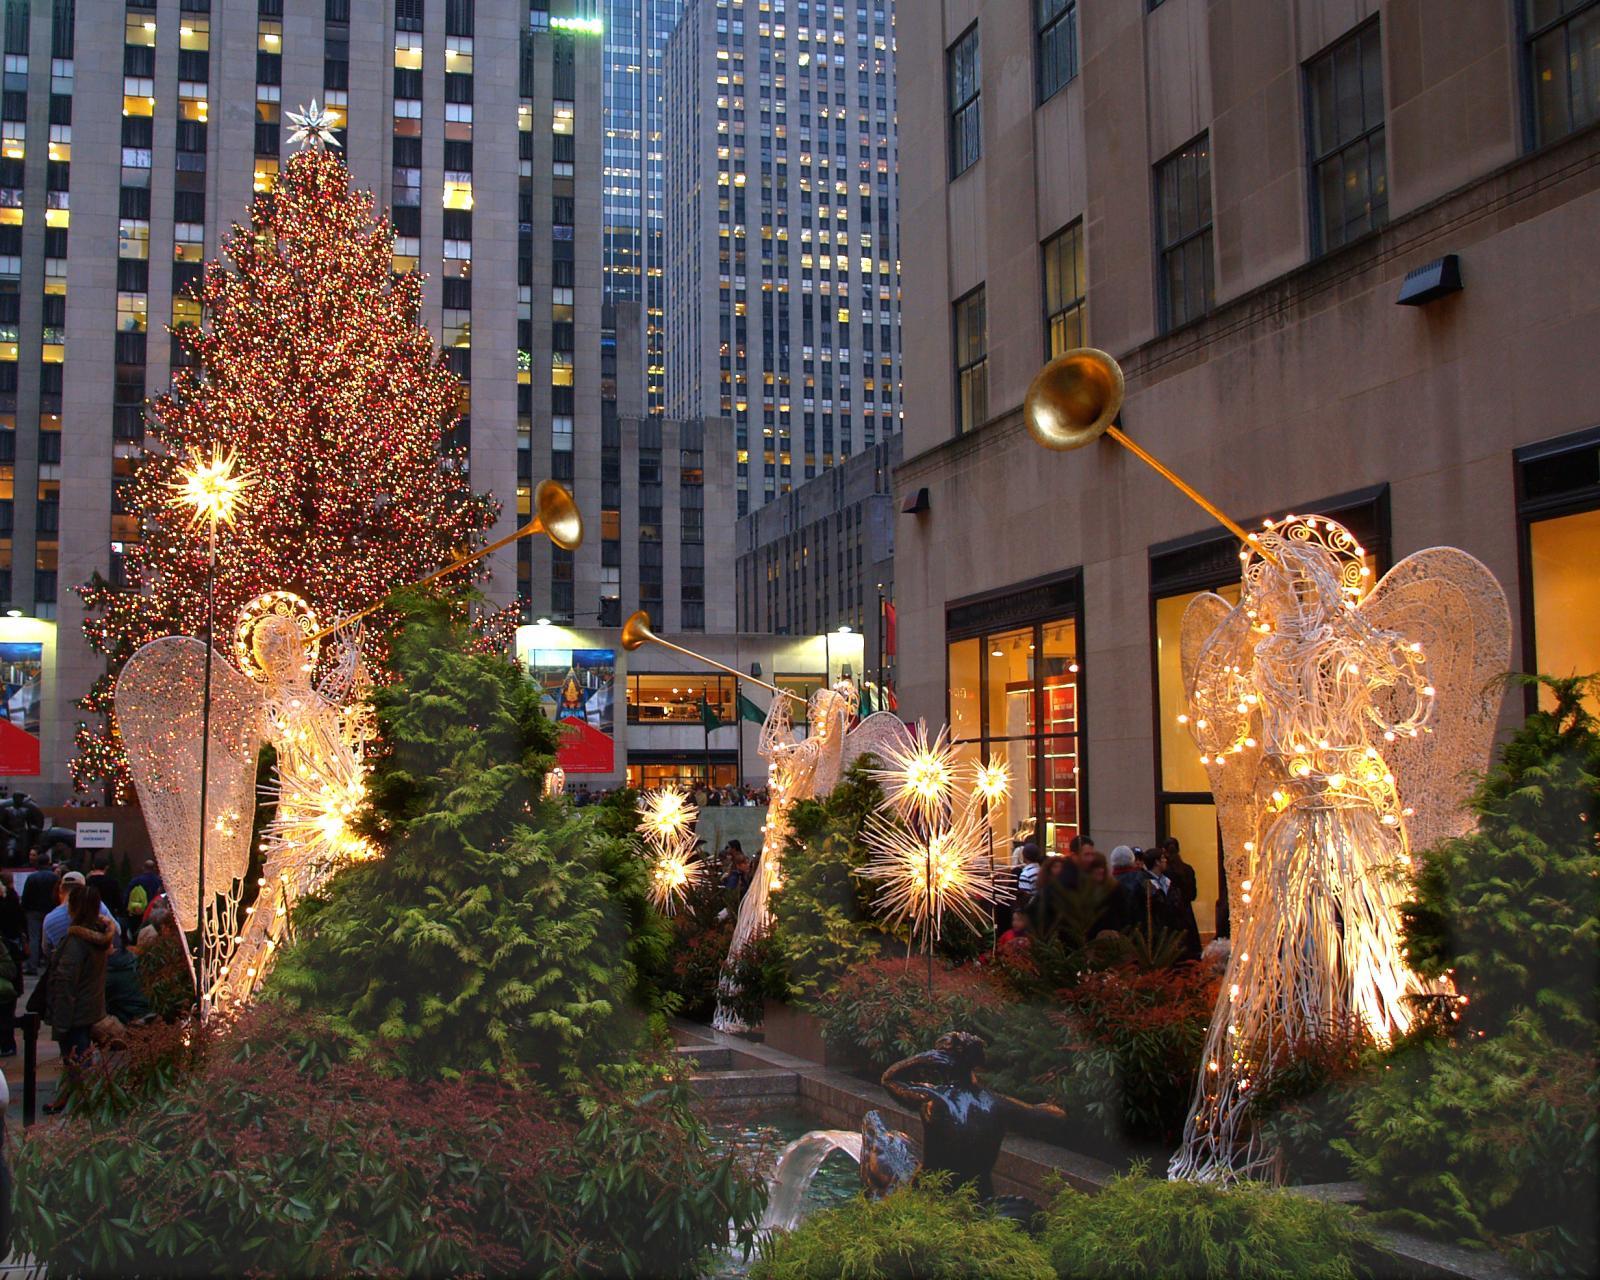 Luces de Navidad en el Rockefeller Center con el árbol de fondo, Nueva York